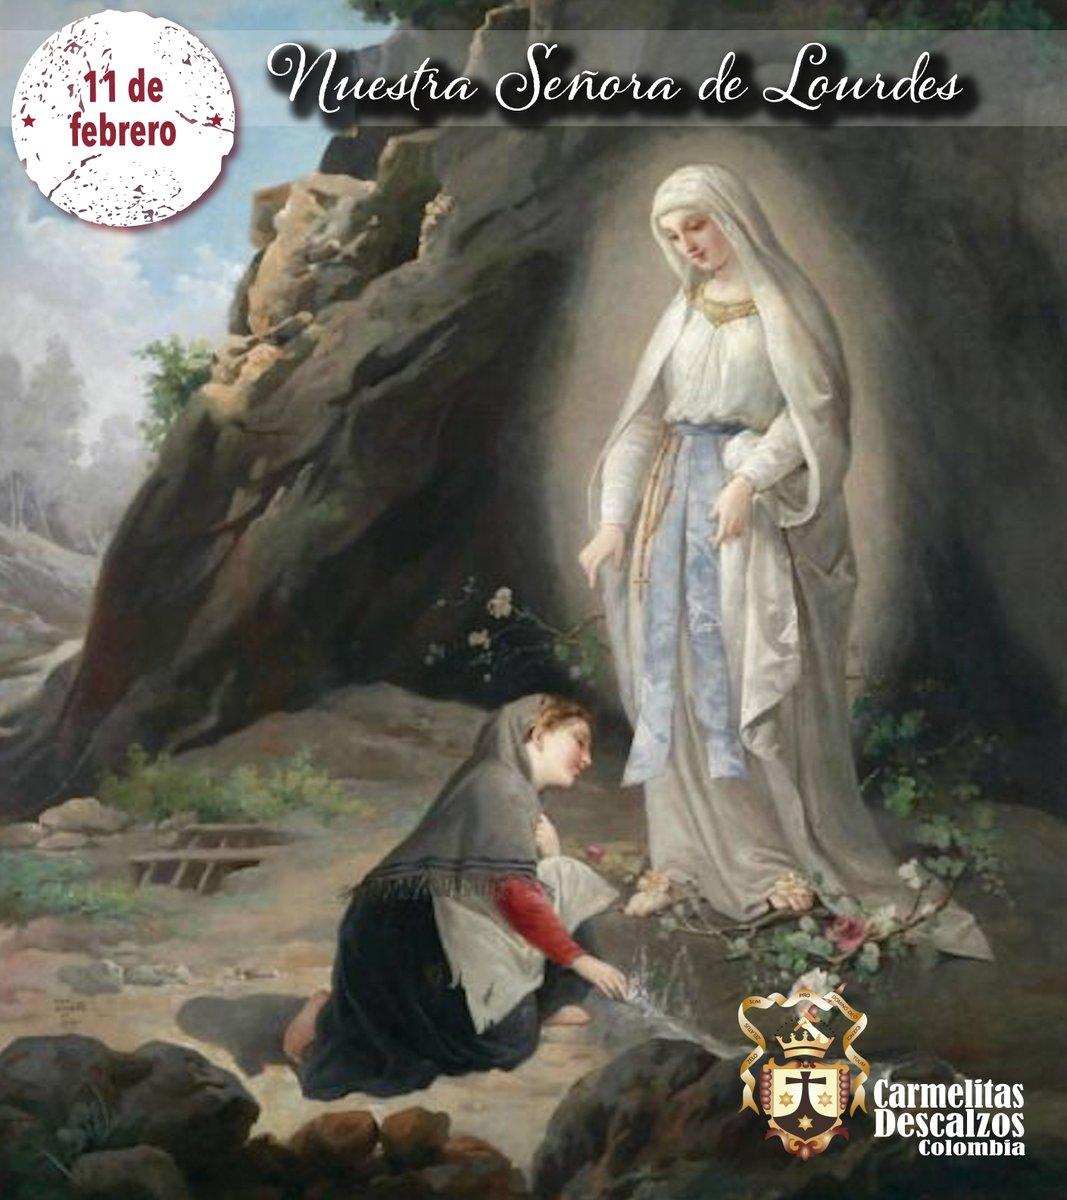 OCD COLOMBIA's photo on Nuestra Señora de Lourdes